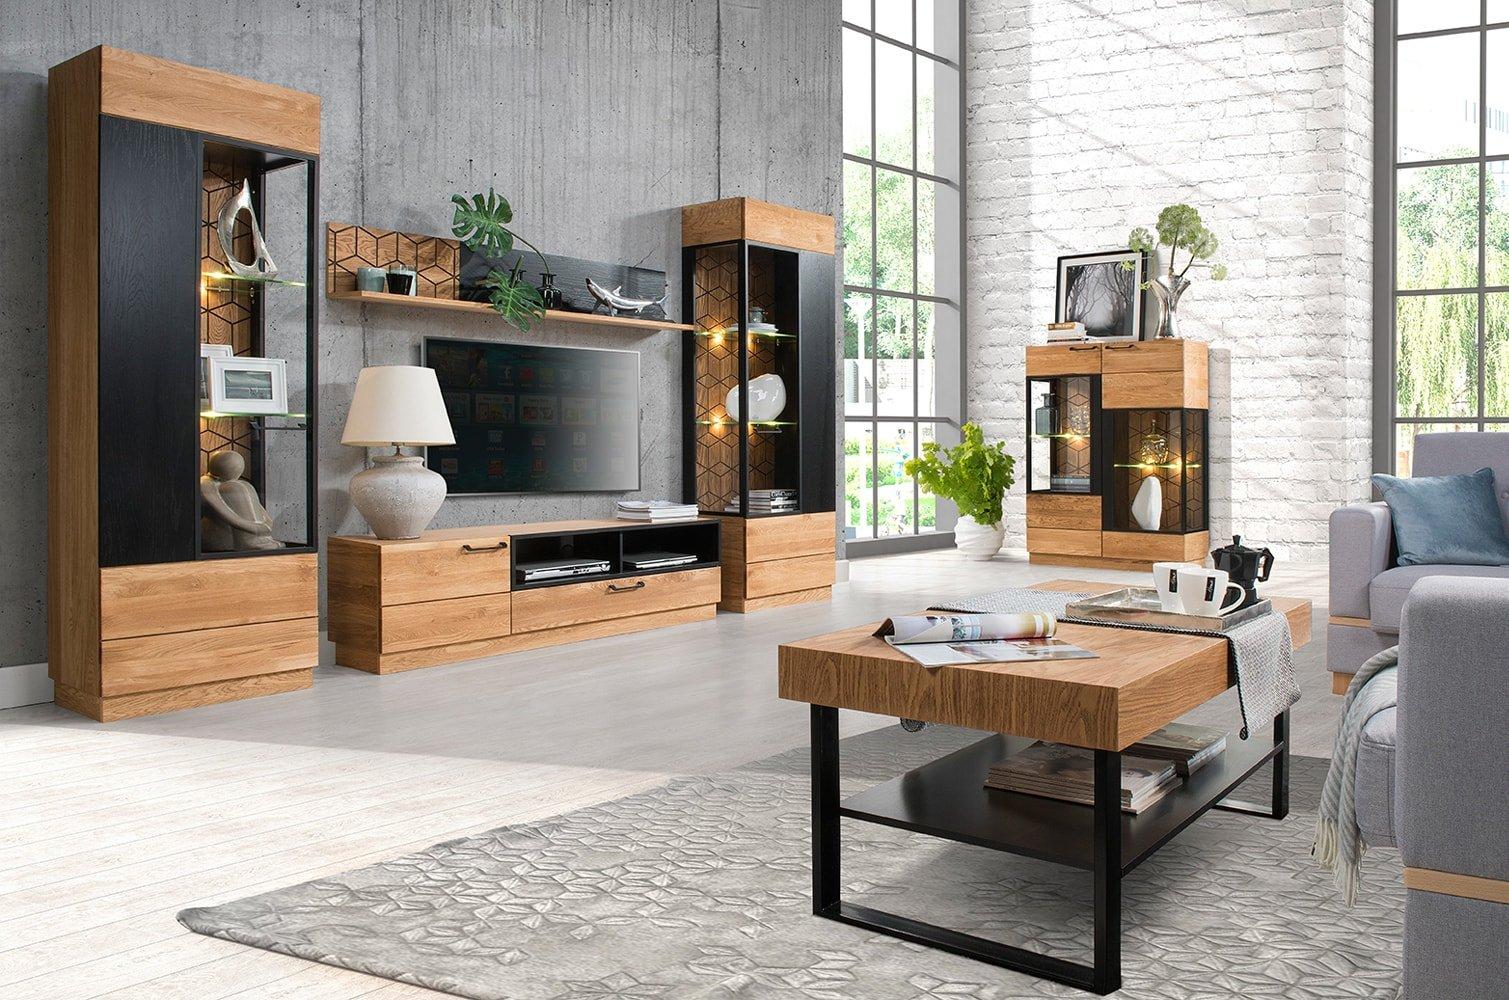 87d28d37762f Nádherný masívny sektorový nábytok Mosaic je stelesnením luxusu a moderného  dizajnu. Poznávacím znamením kolekcie Mosaic je výrazná kresba dreva